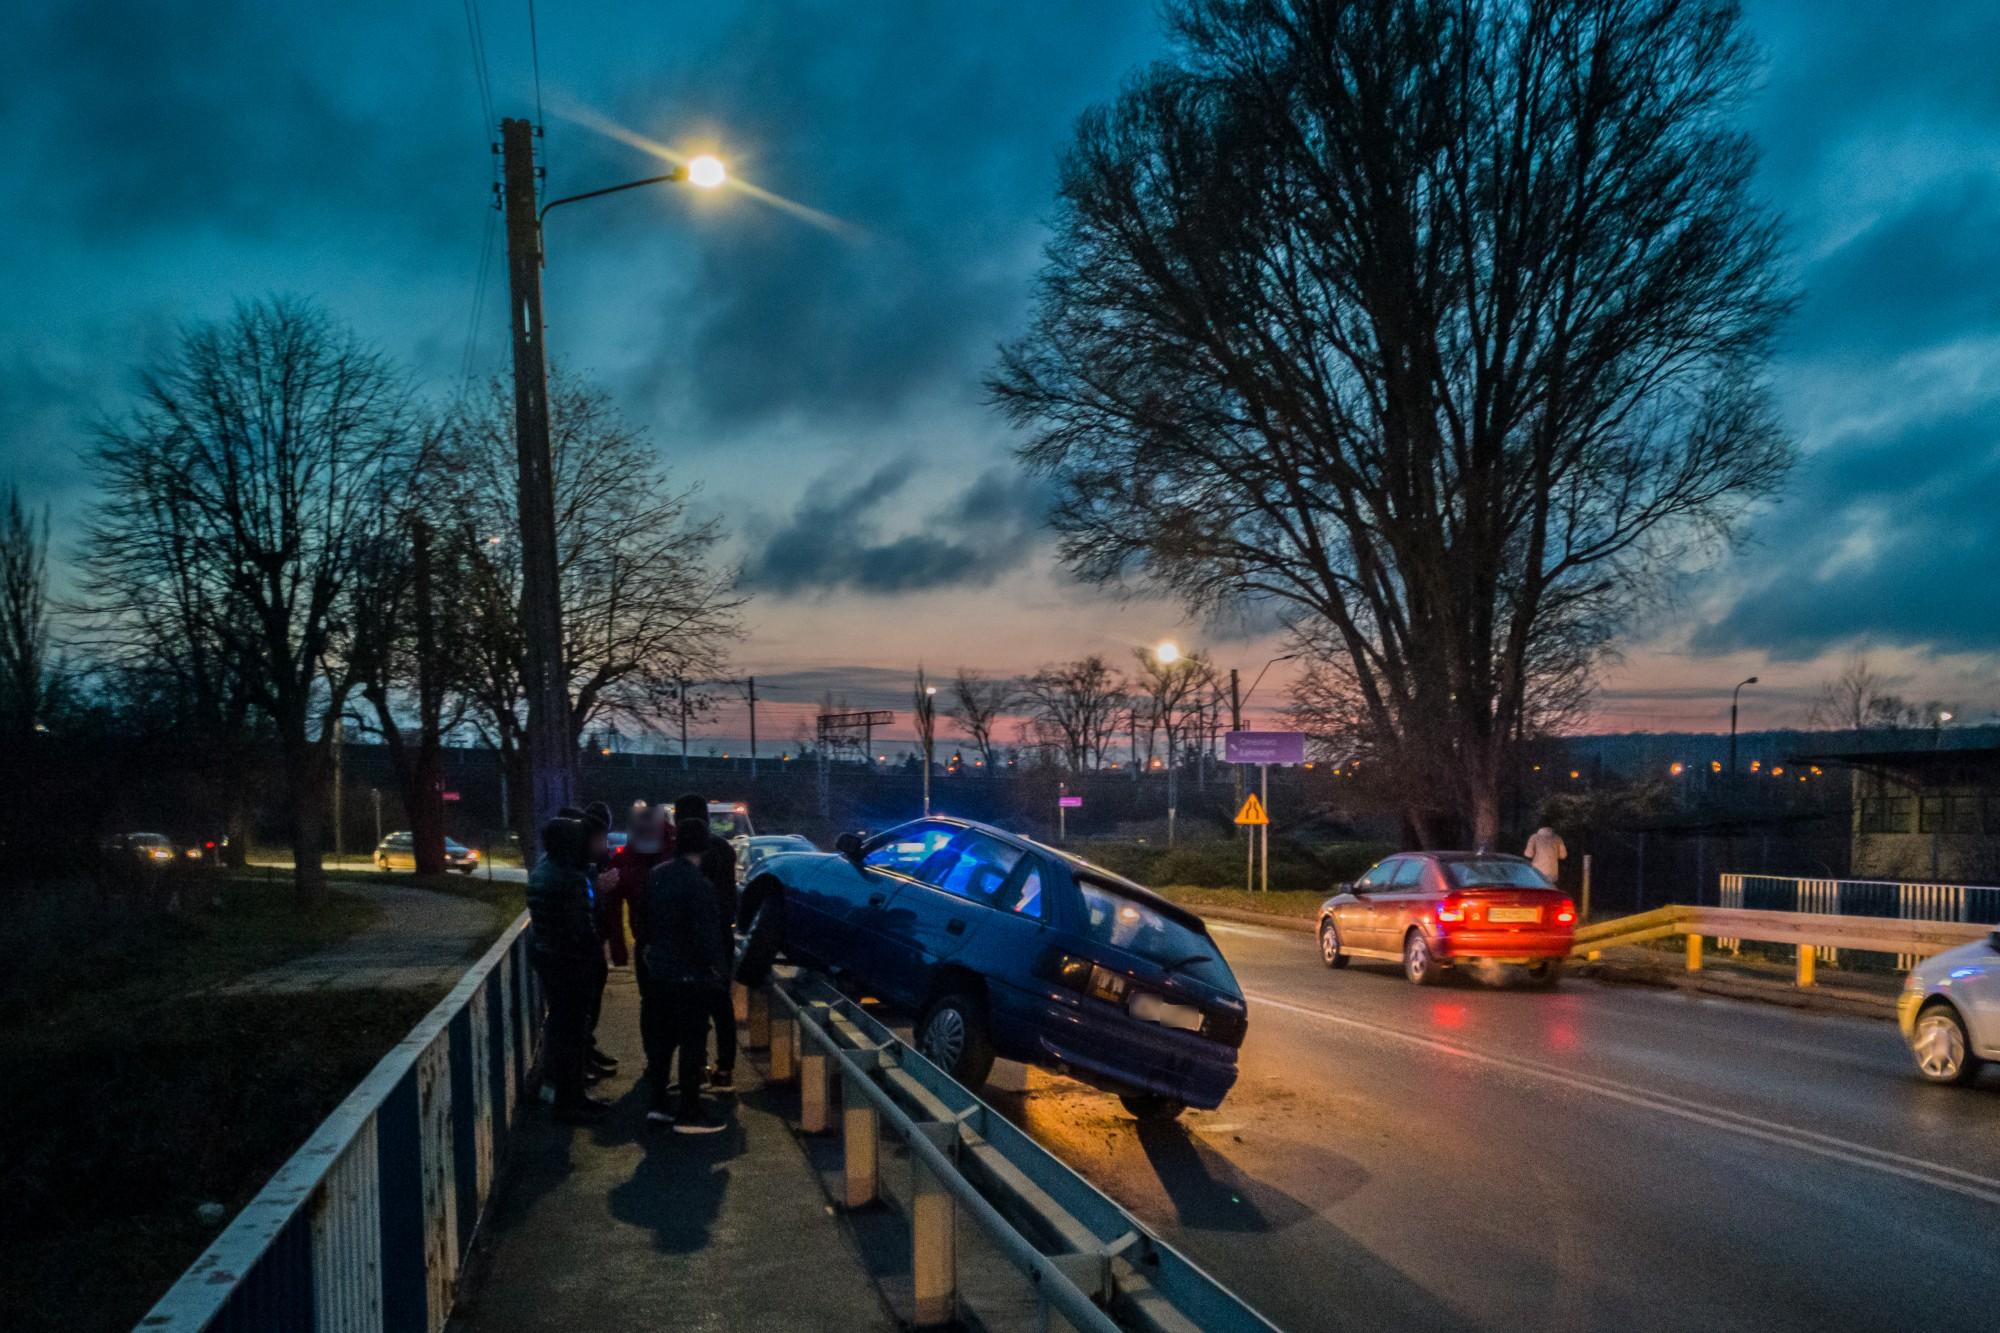 [ZDJĘCIA] Kolizja na moście. Auto wbiło się w bariery - Zdjęcie główne